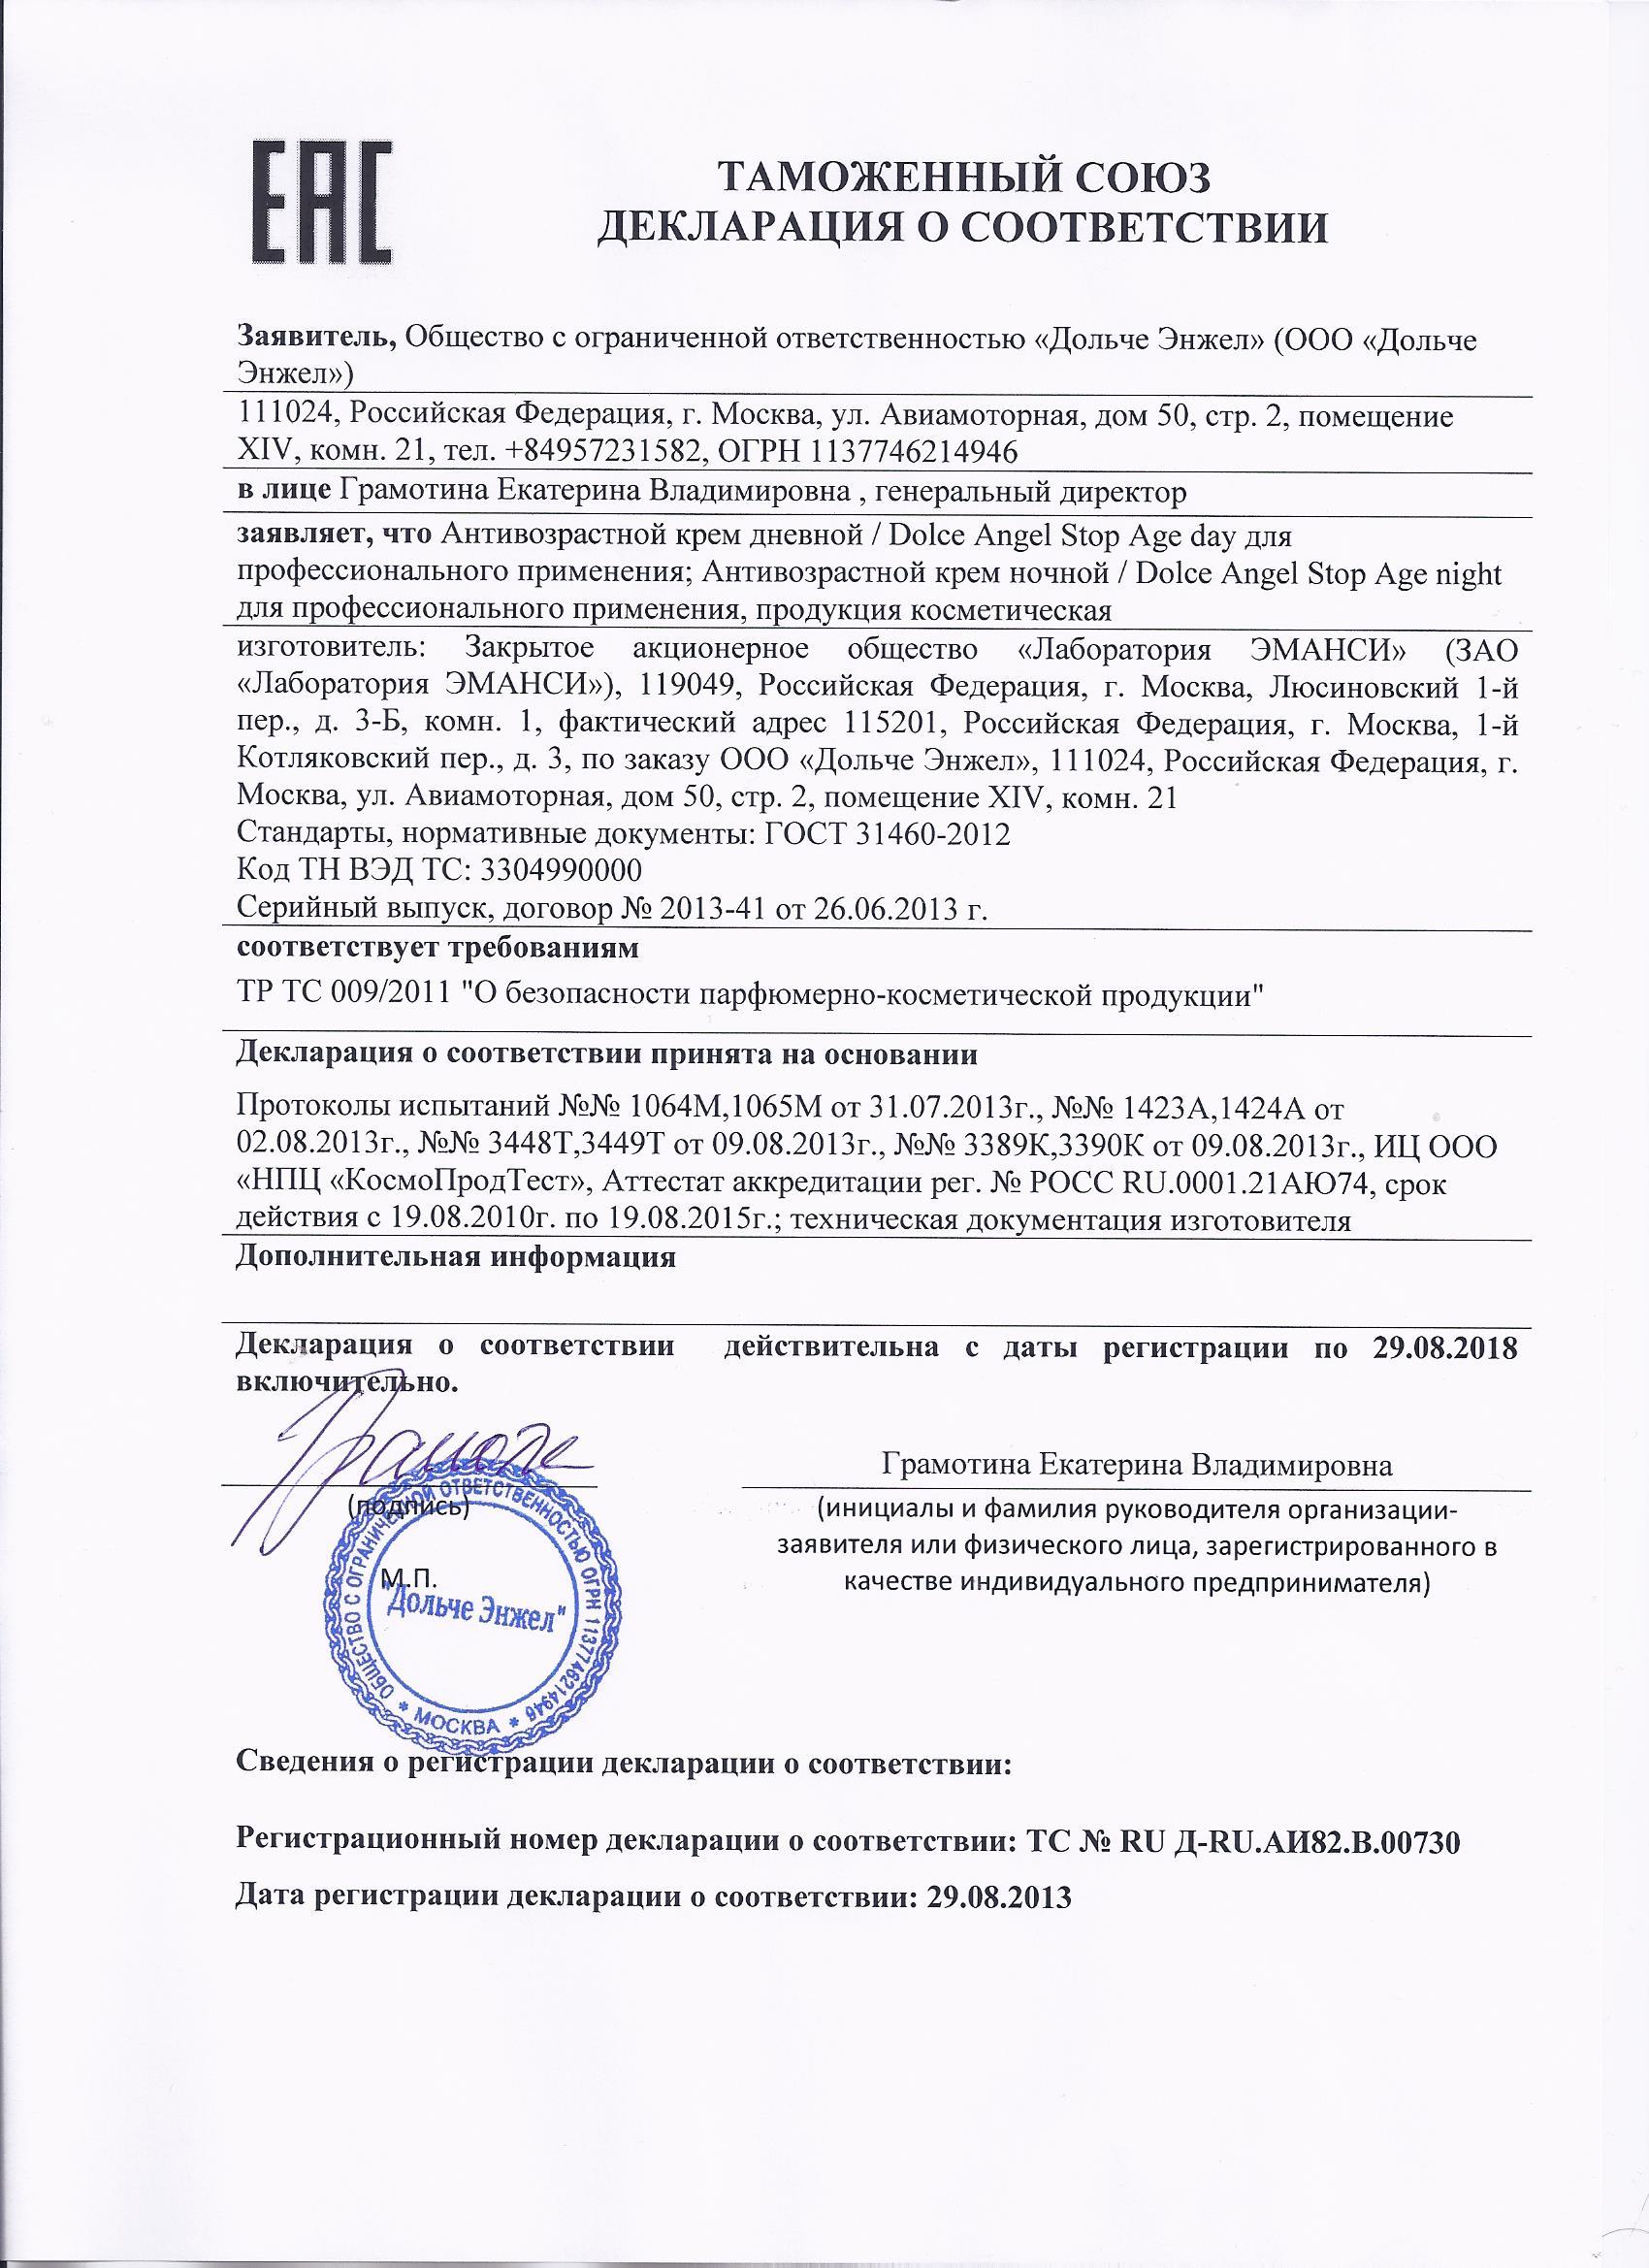 Декларация Антивозрастные кремы